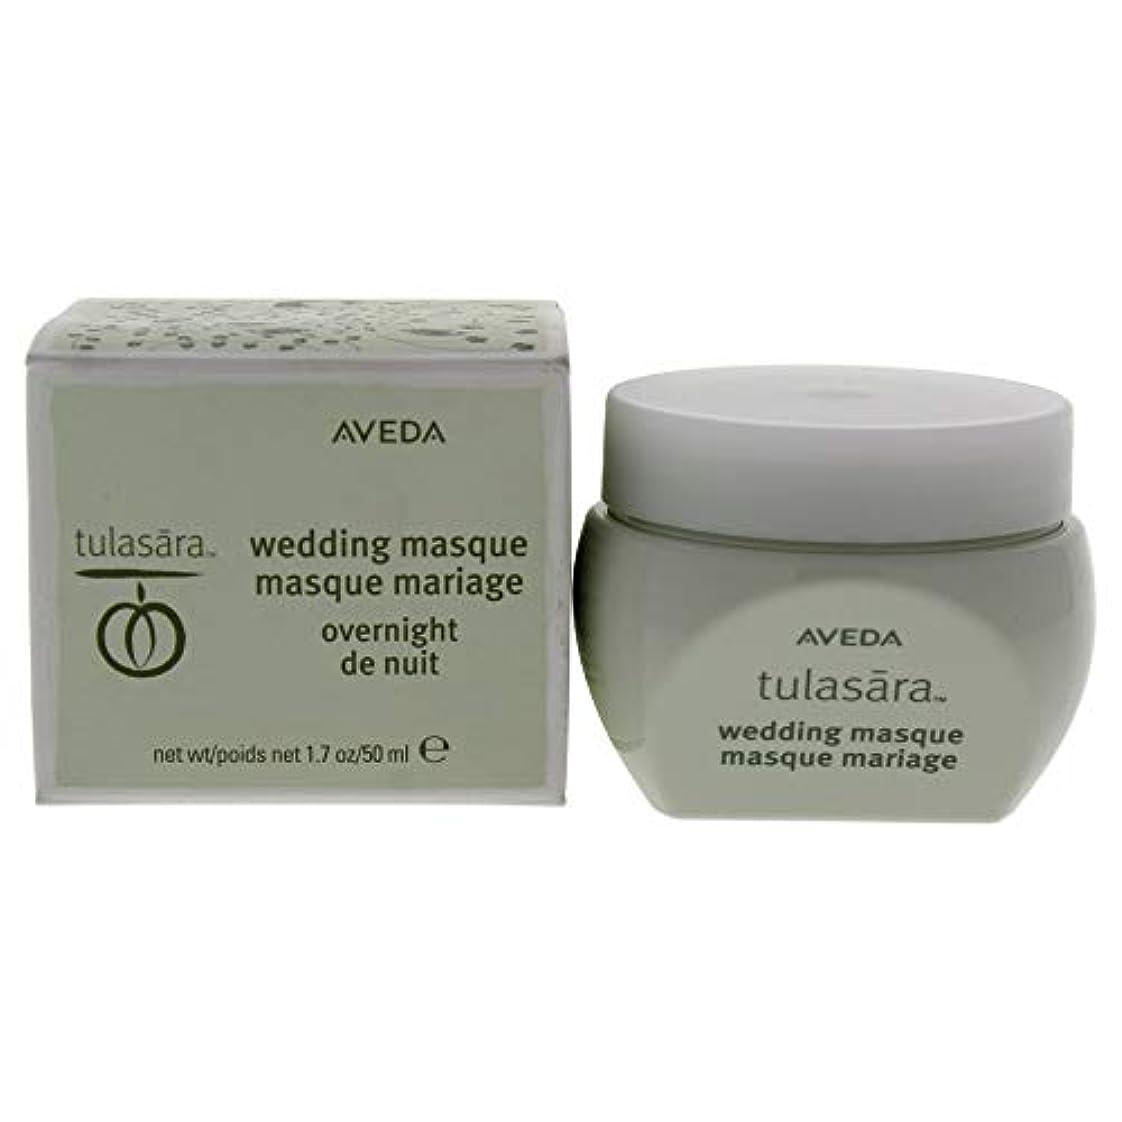 波紋薄暗いバルクアヴェダ Tulasara Wedding Masque Overnight 50ml/1.7oz並行輸入品